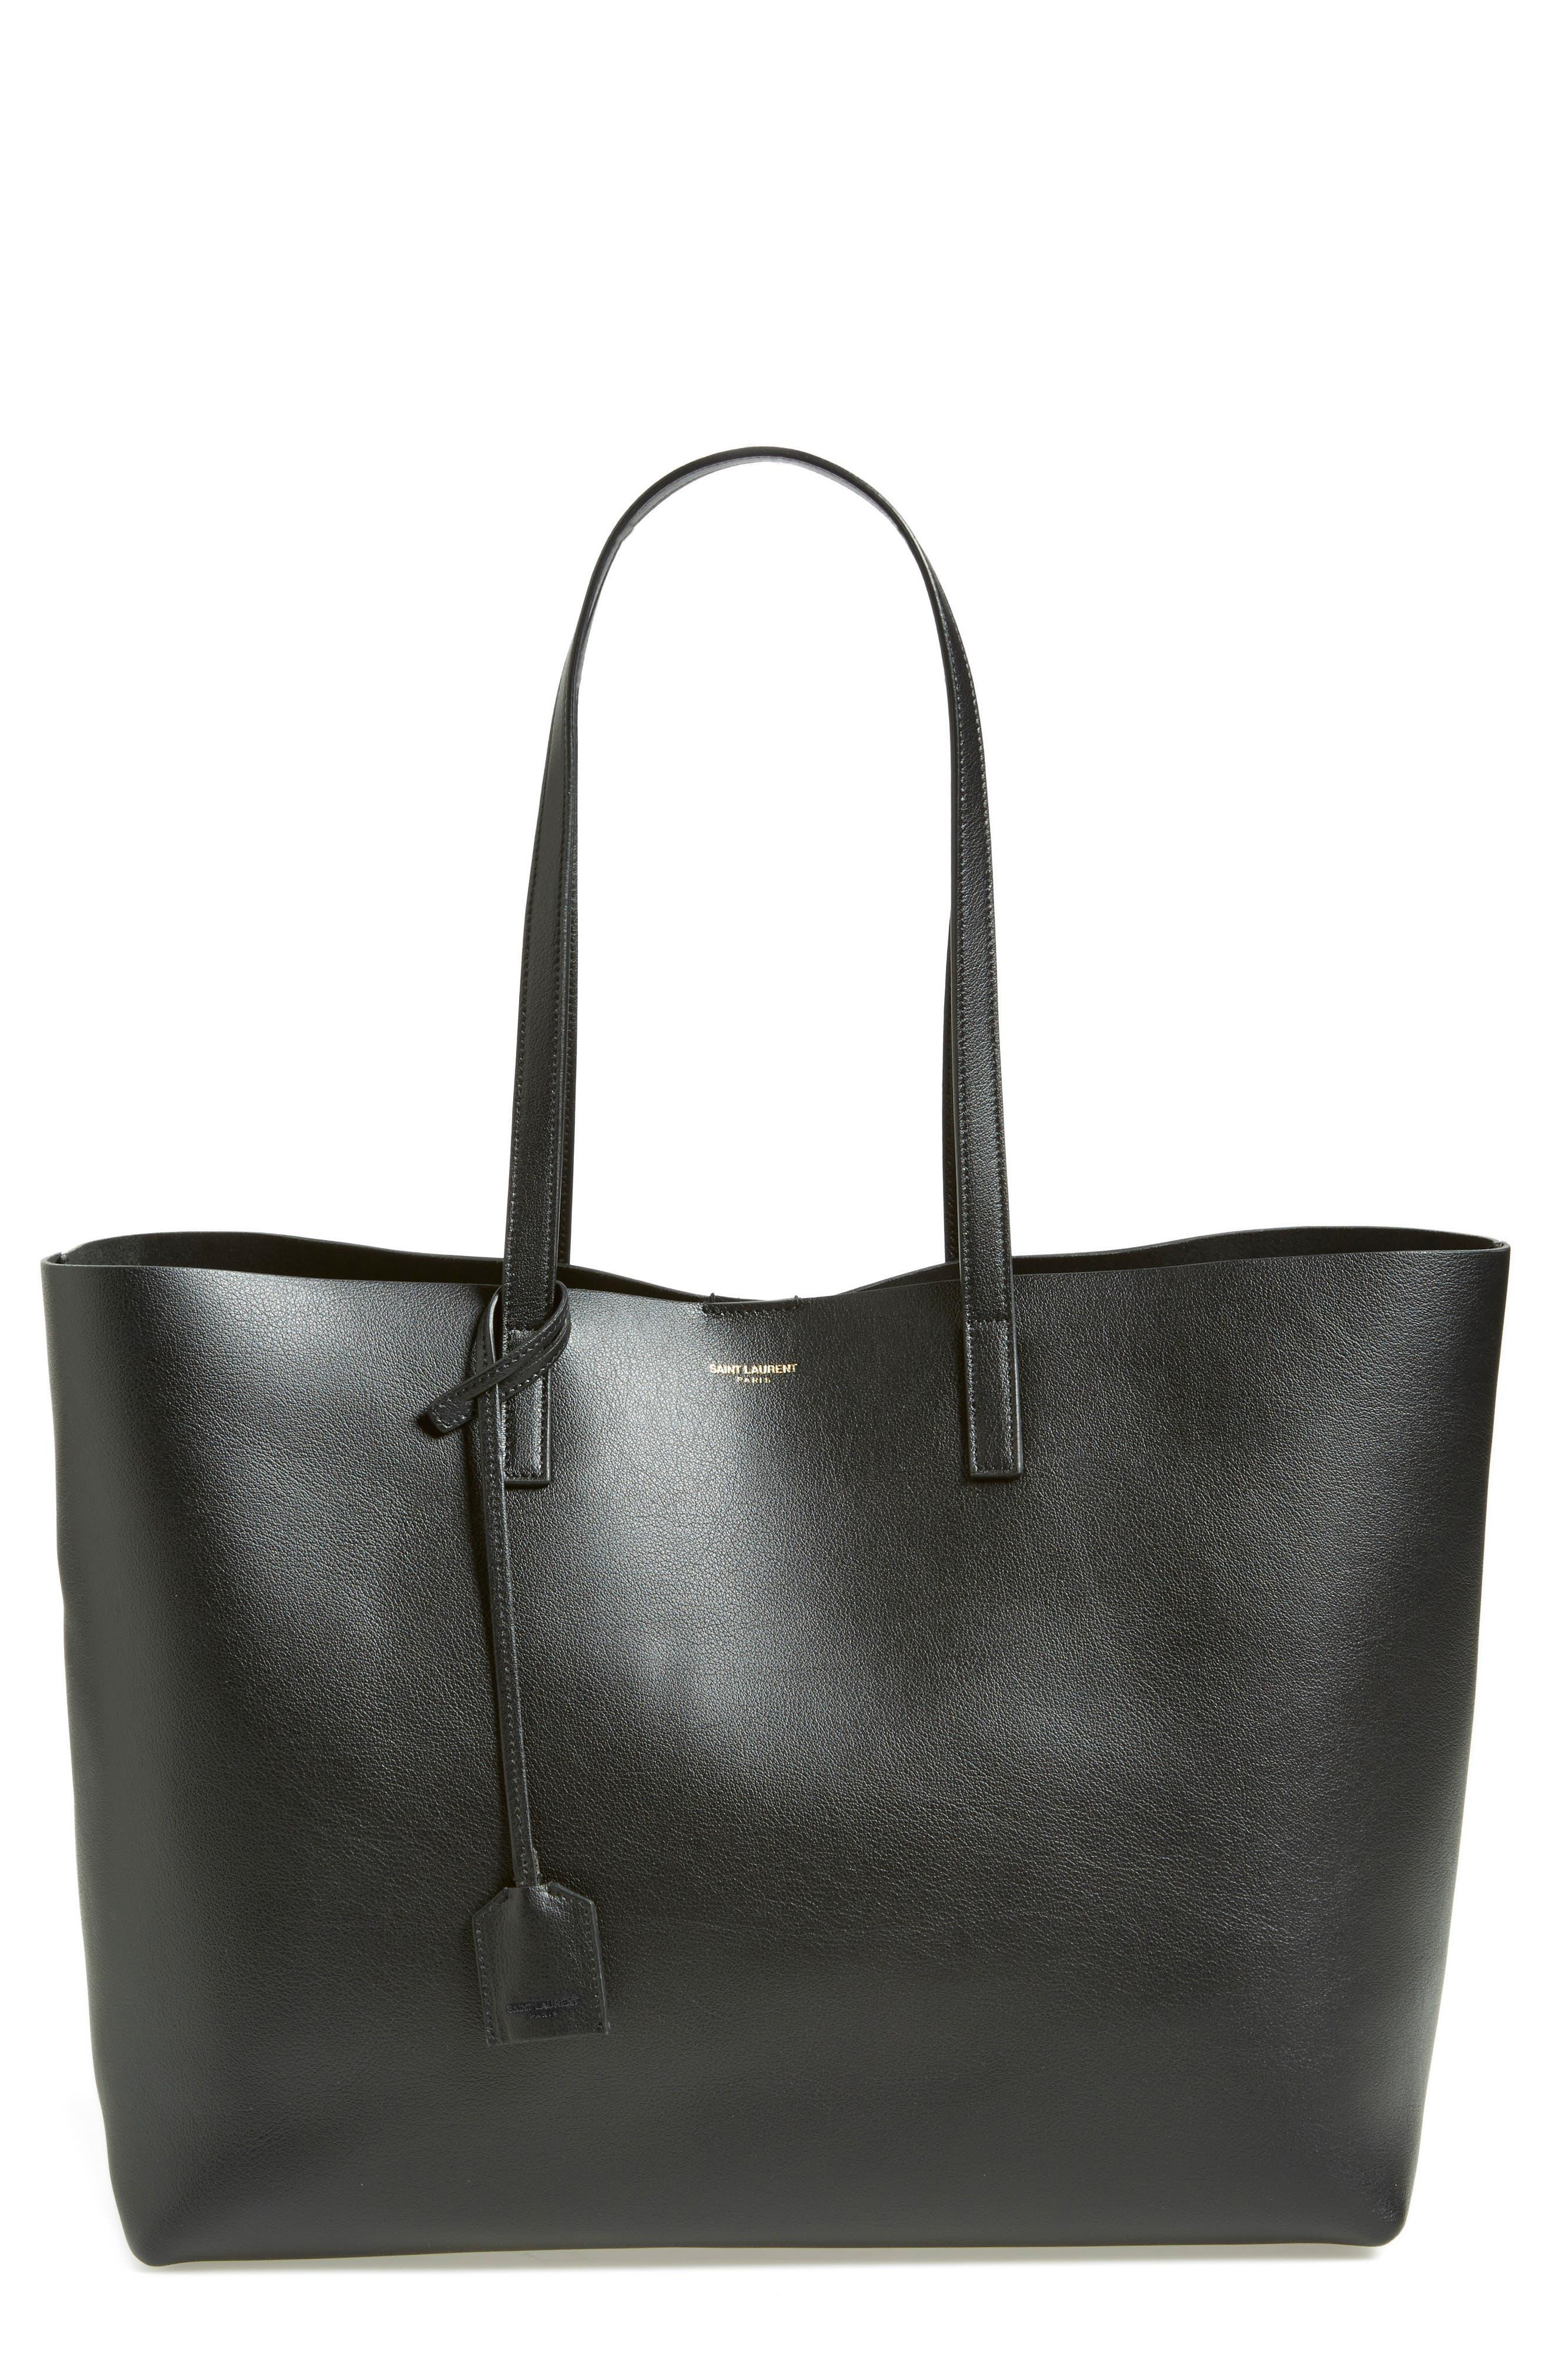 643f05f494d ysl handbags | Nordstrom